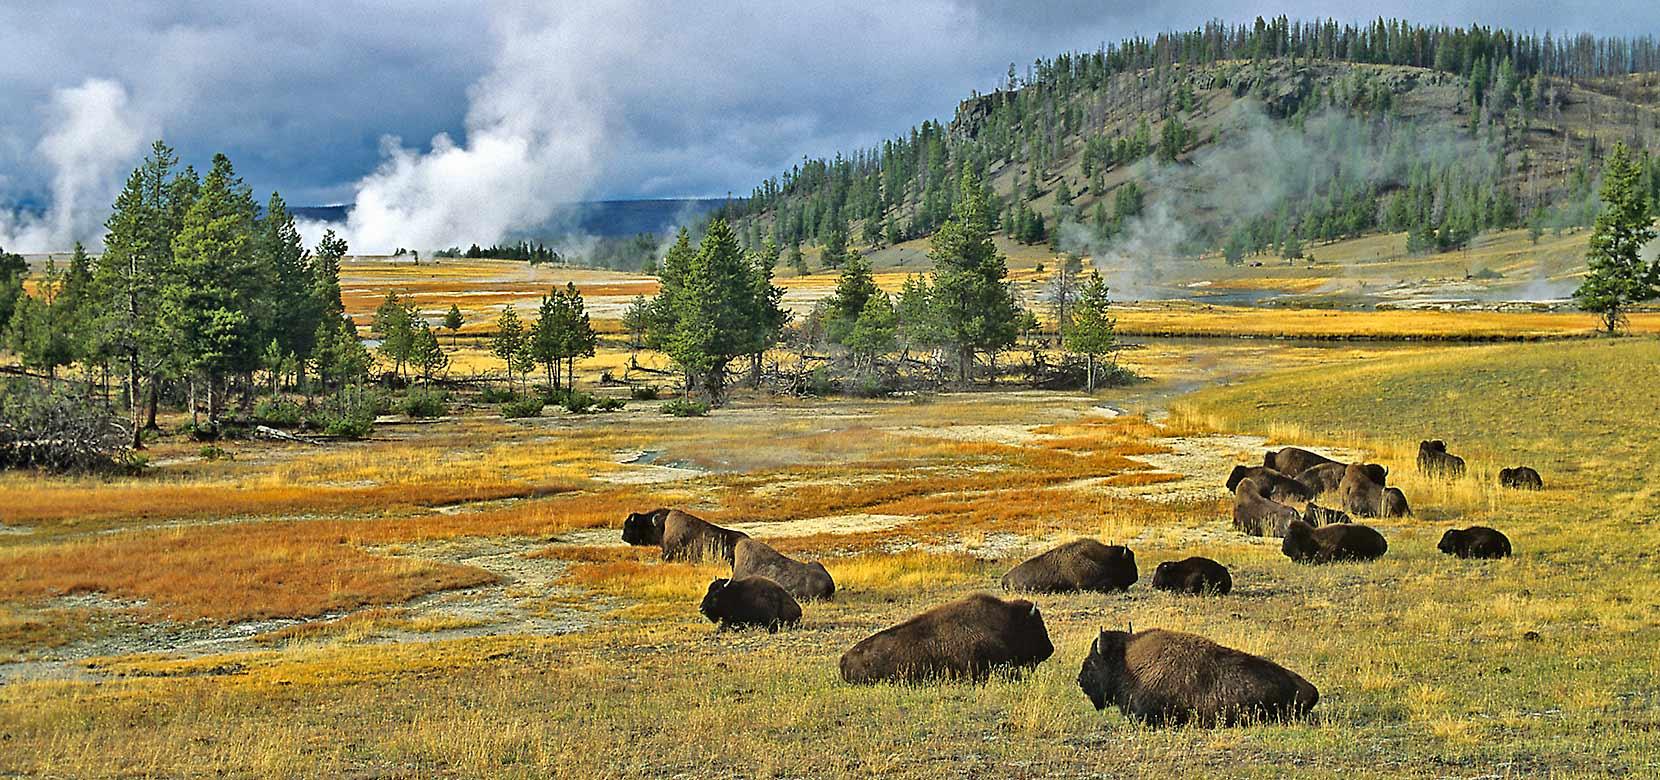 Yellowstone national park jackson hole traveler for Hotels yellowstone national park